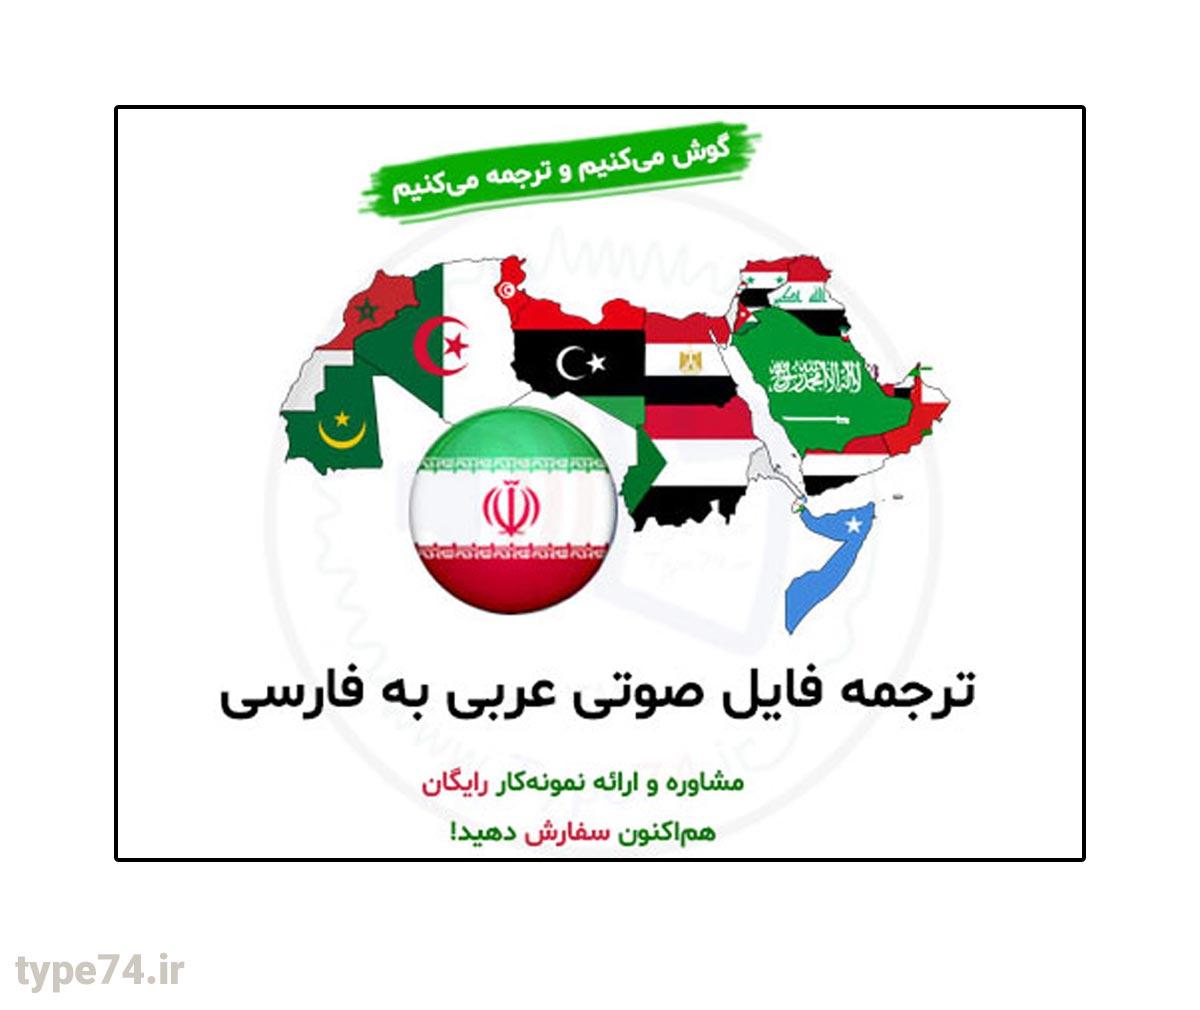 ترجمه صوت عربی